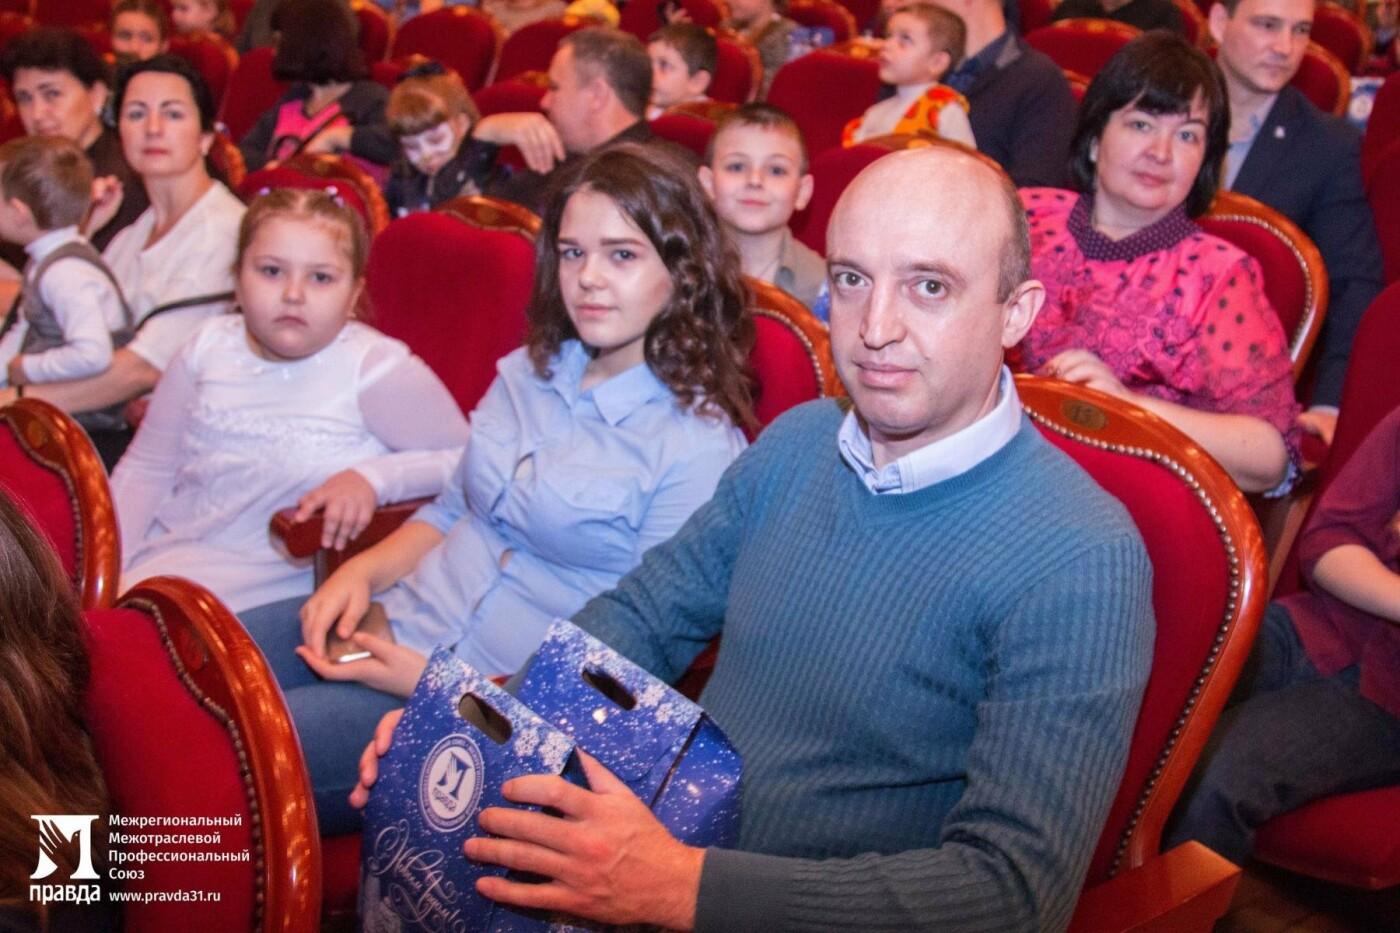 «Правда» организовала для всех детей участников профсоюза новогодние утренники в Белгородской филармонии, фото-16